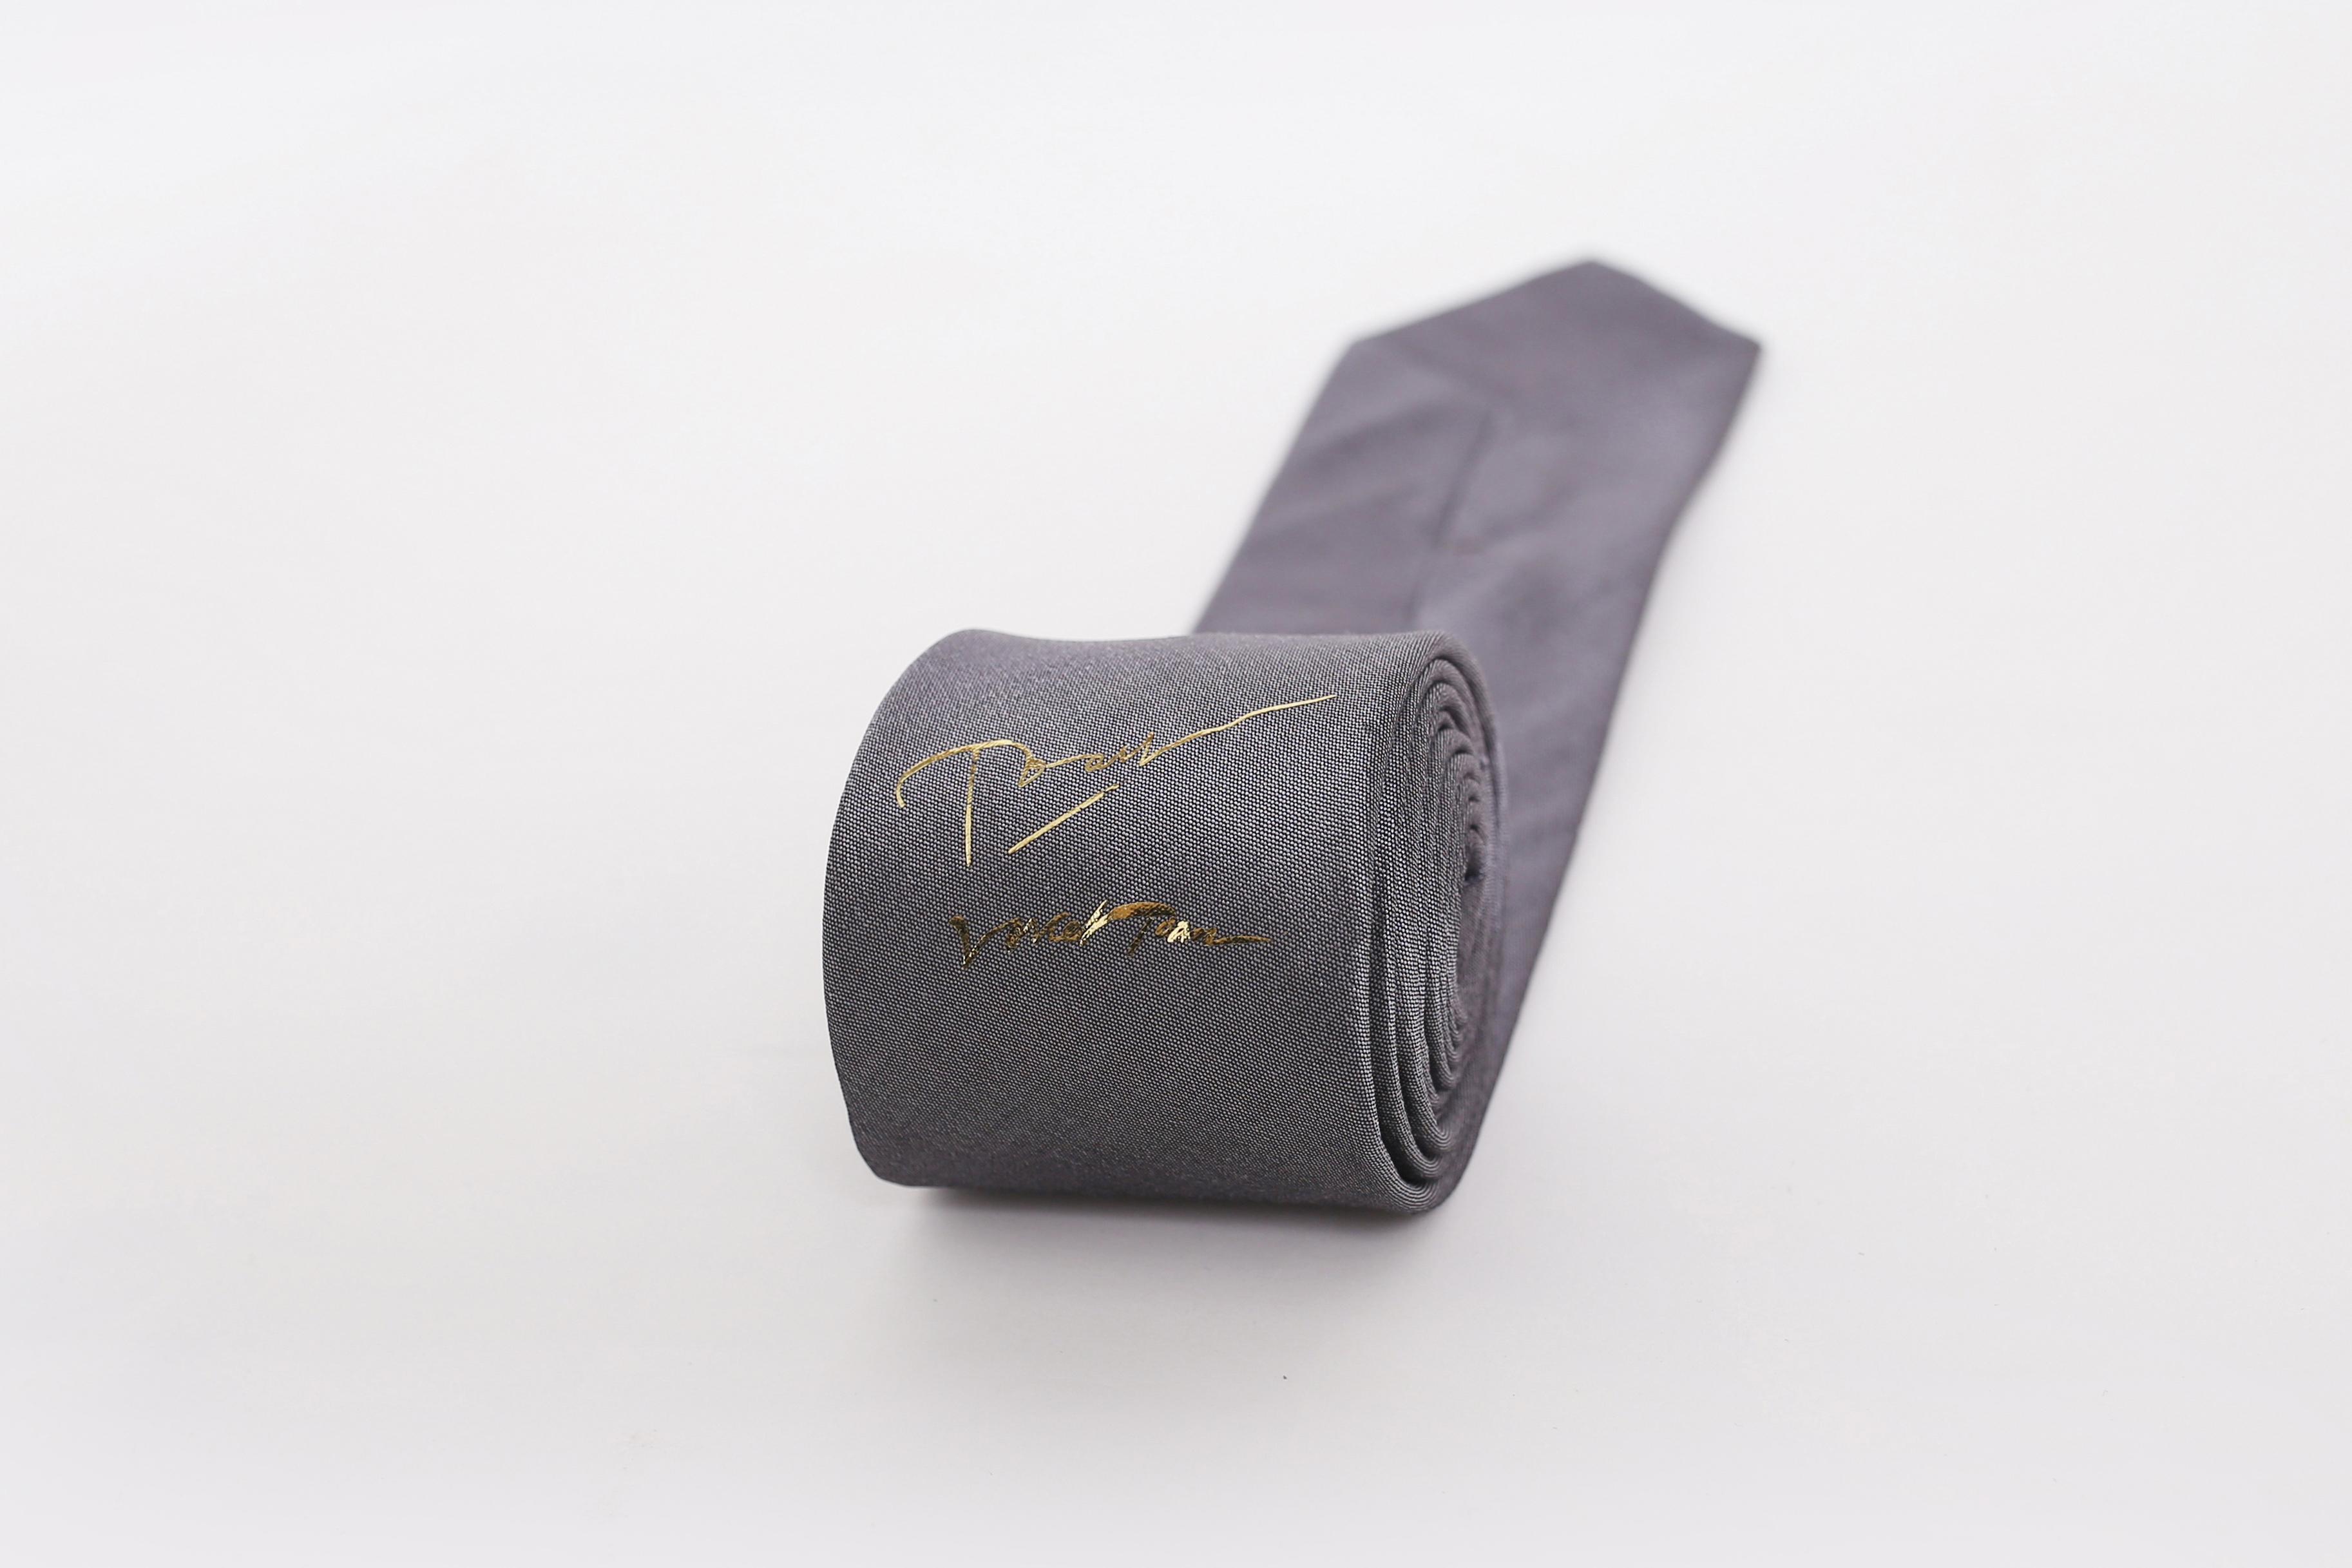 chiếc cà vạt dát vàng